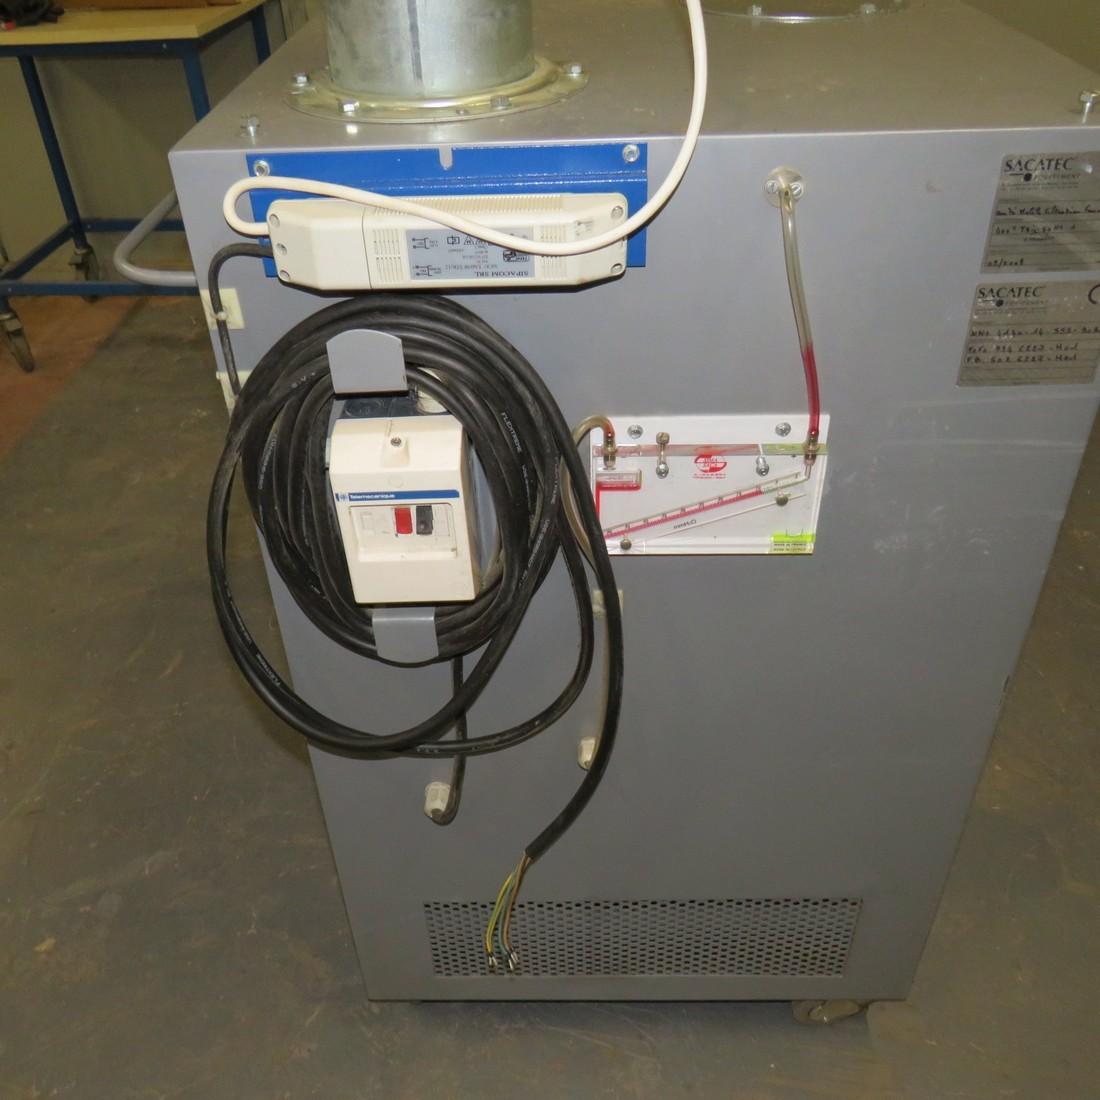 R1J1178 Unité de filtration des fumees de soudure SACATEC